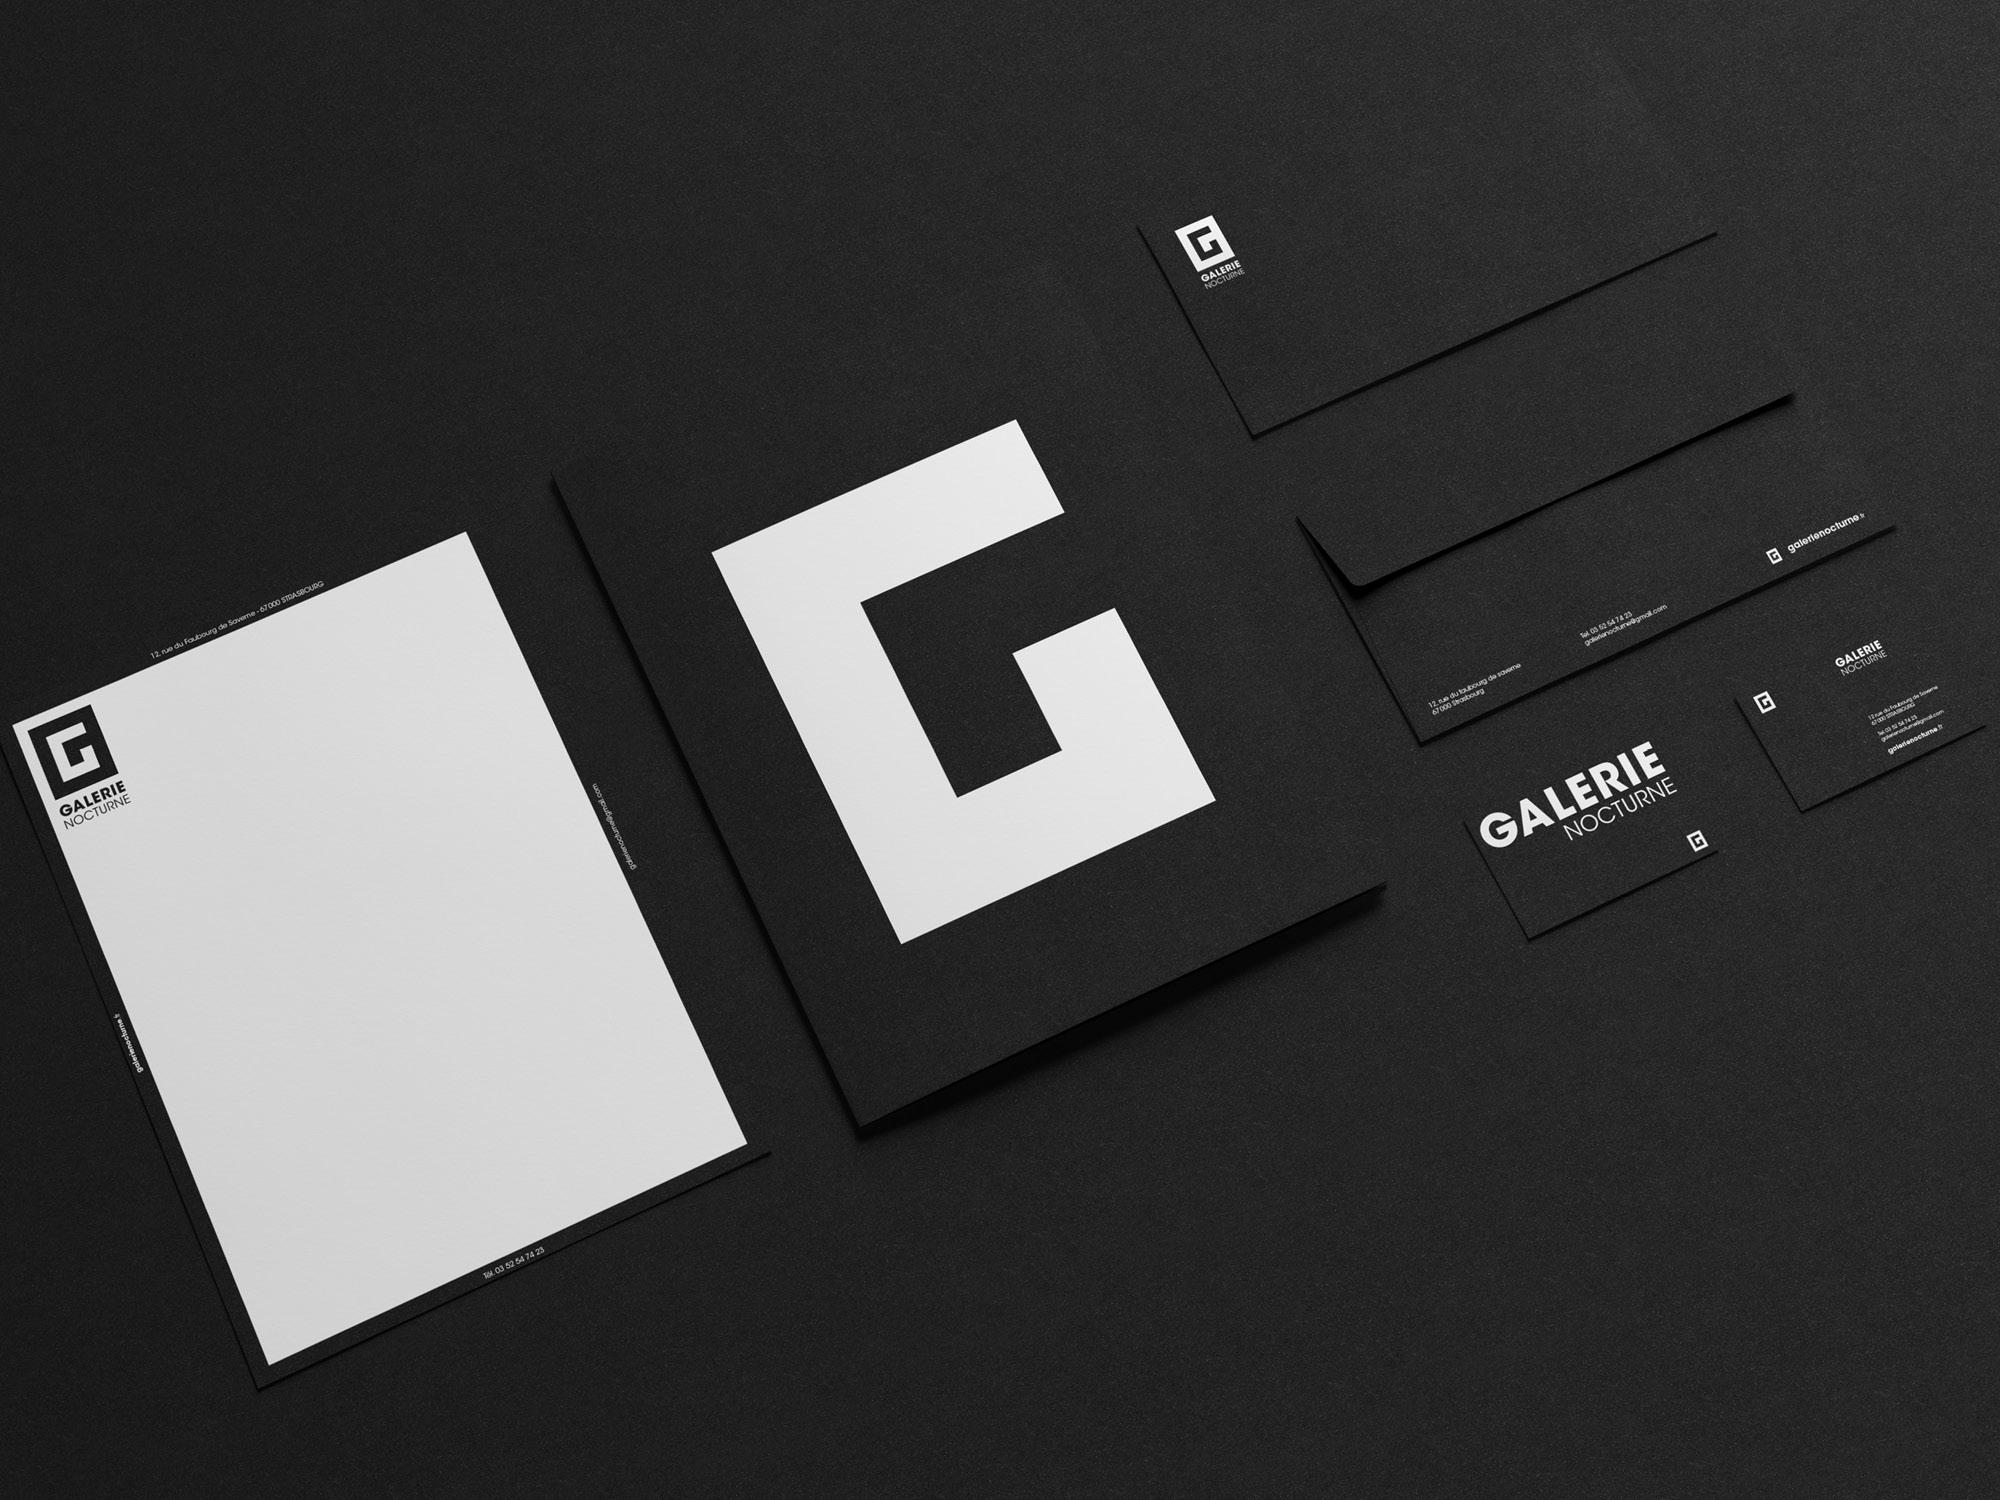 Galerie-nocturne-branding-full